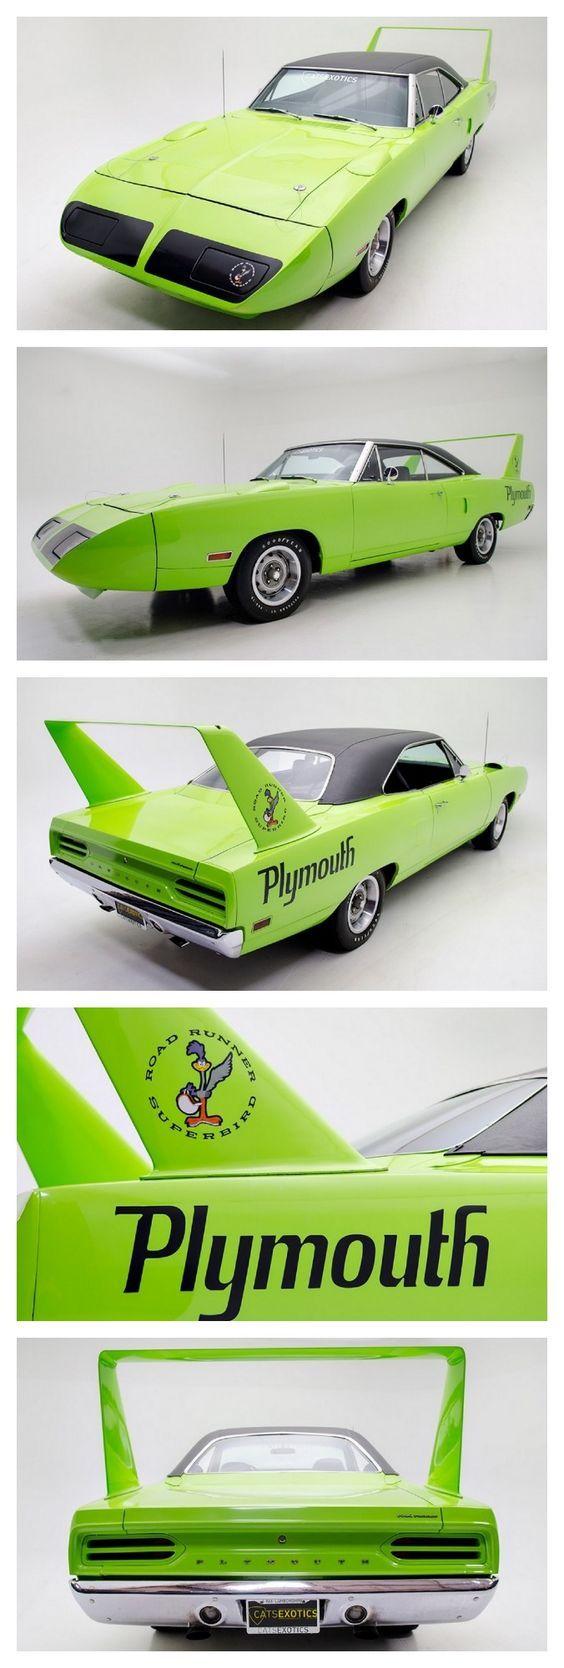 Plymouth Superbird Plymouth, Plymouth Superbird, Машина, Длиннопост